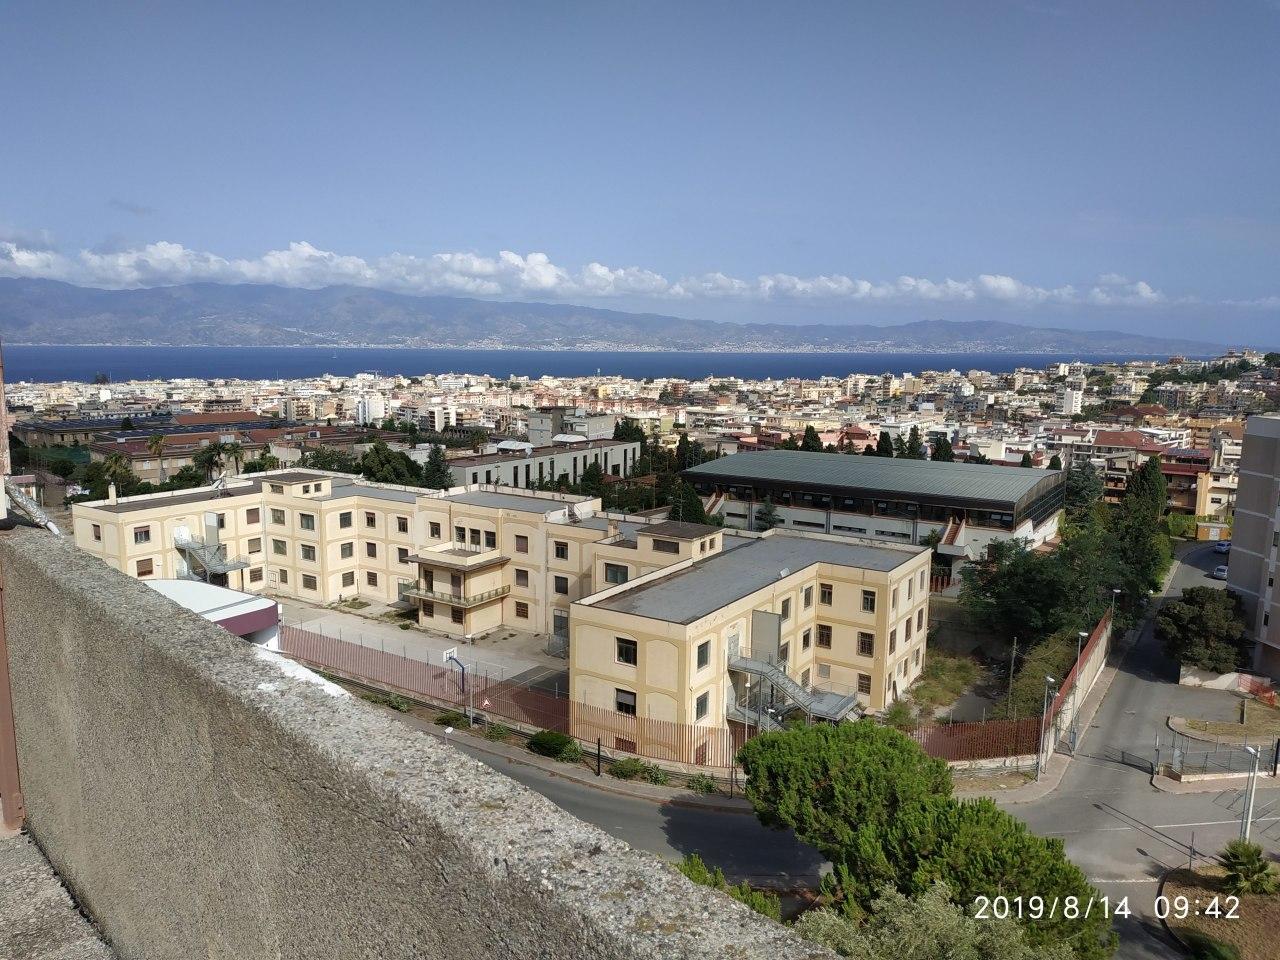 Appartamento in vendita a Reggio Calabria, 3 locali, prezzo € 100.000   CambioCasa.it